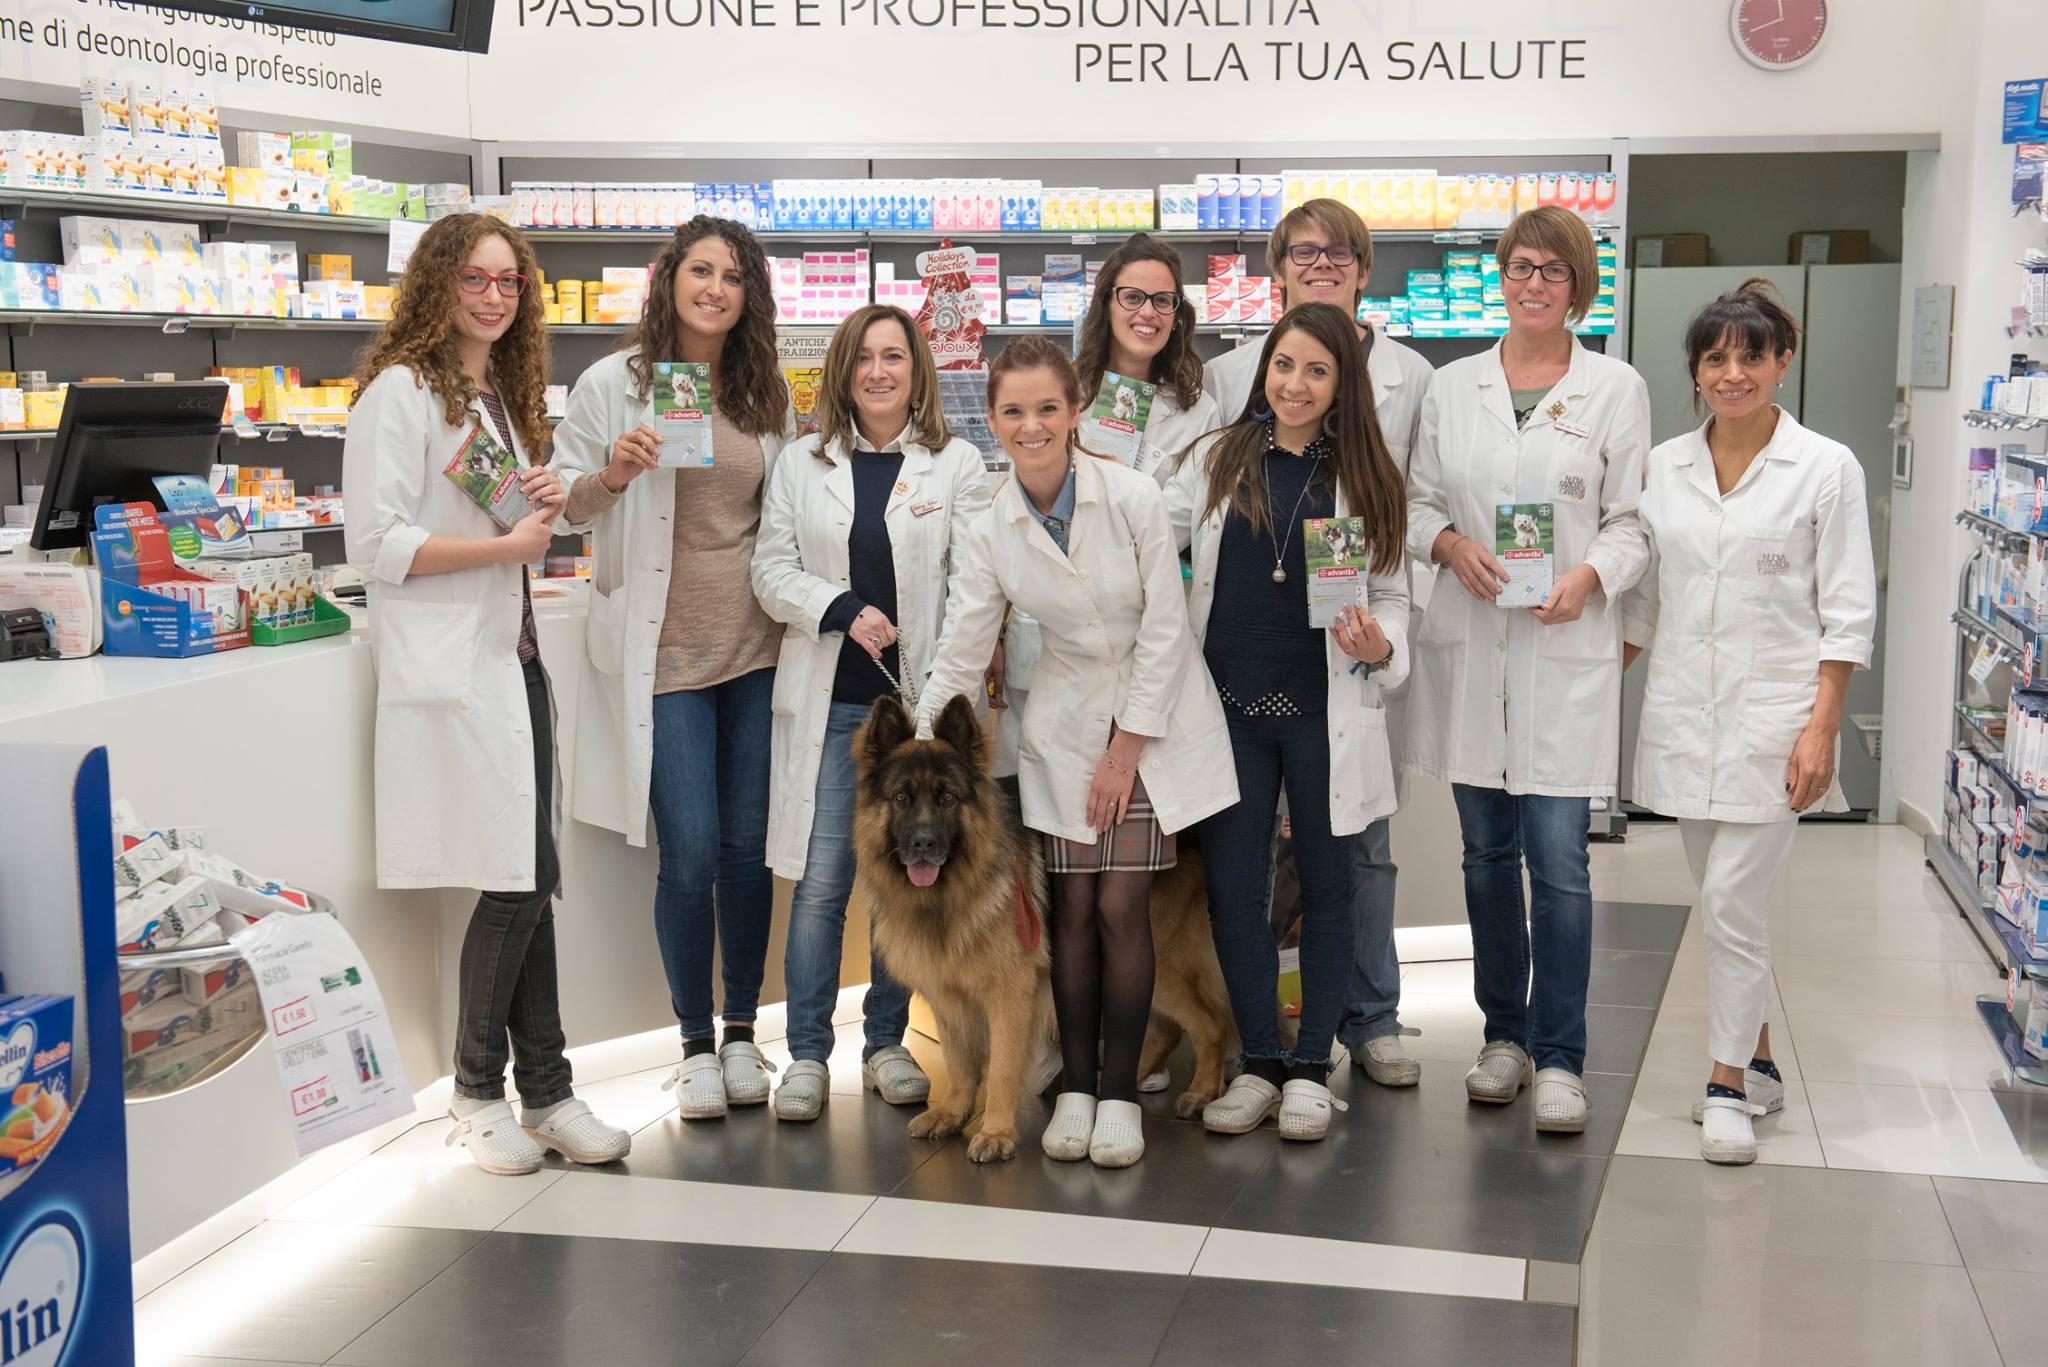 Farmacia Garello: a tutta salute